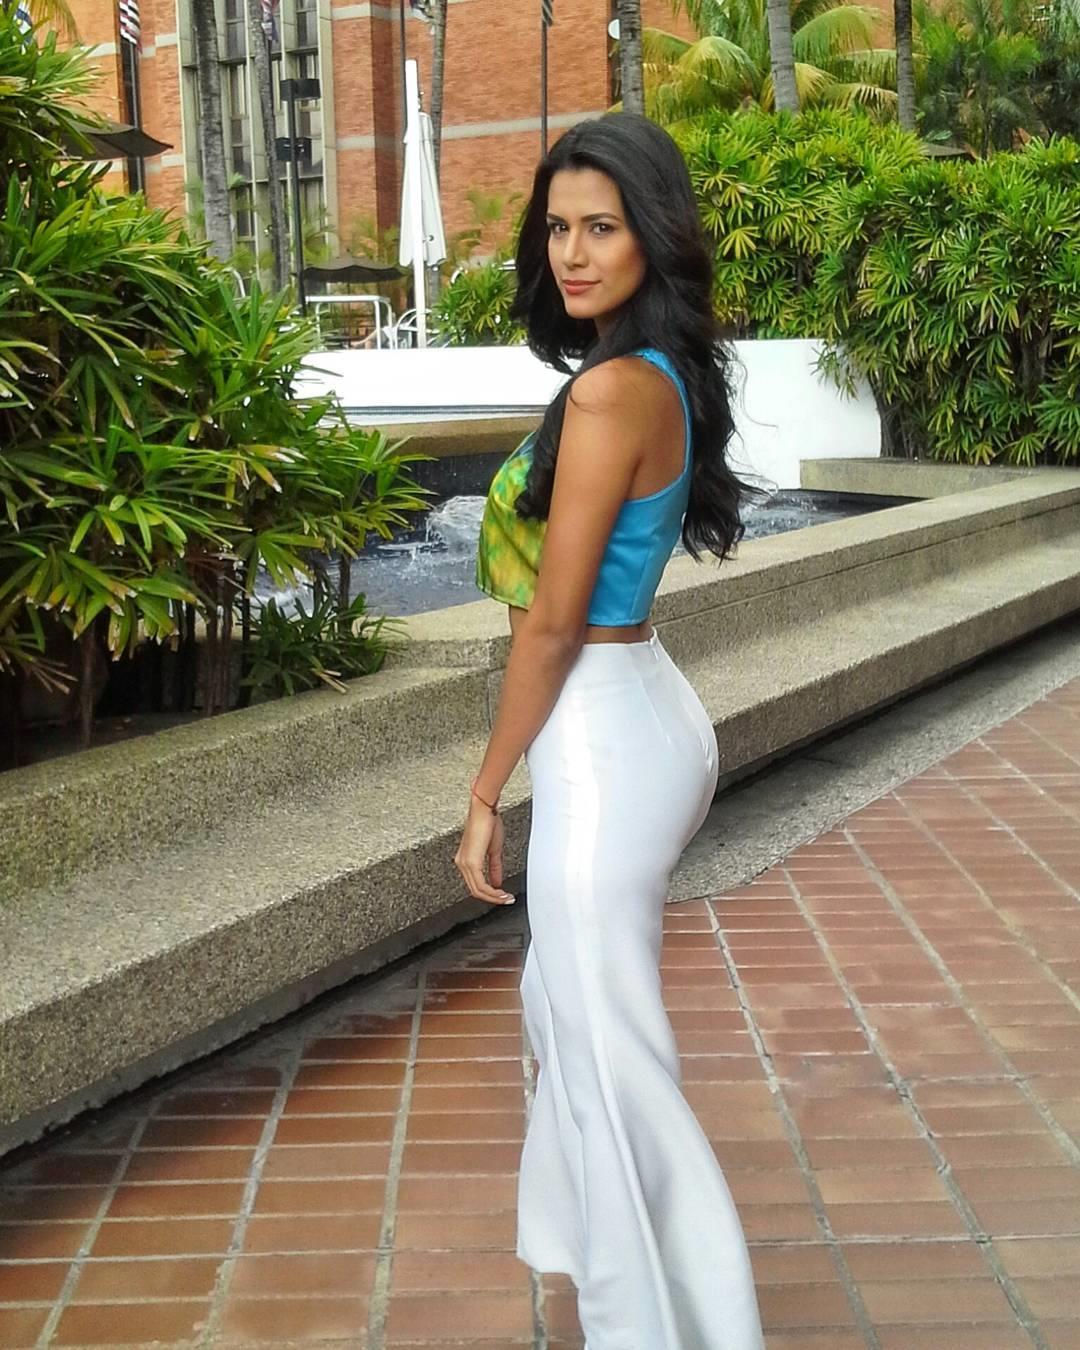 Ana Cristina Diaz Contestant from Venezuela for Reinado Internacional del Cafe 2017 (Photo Credits: Facebook Official)